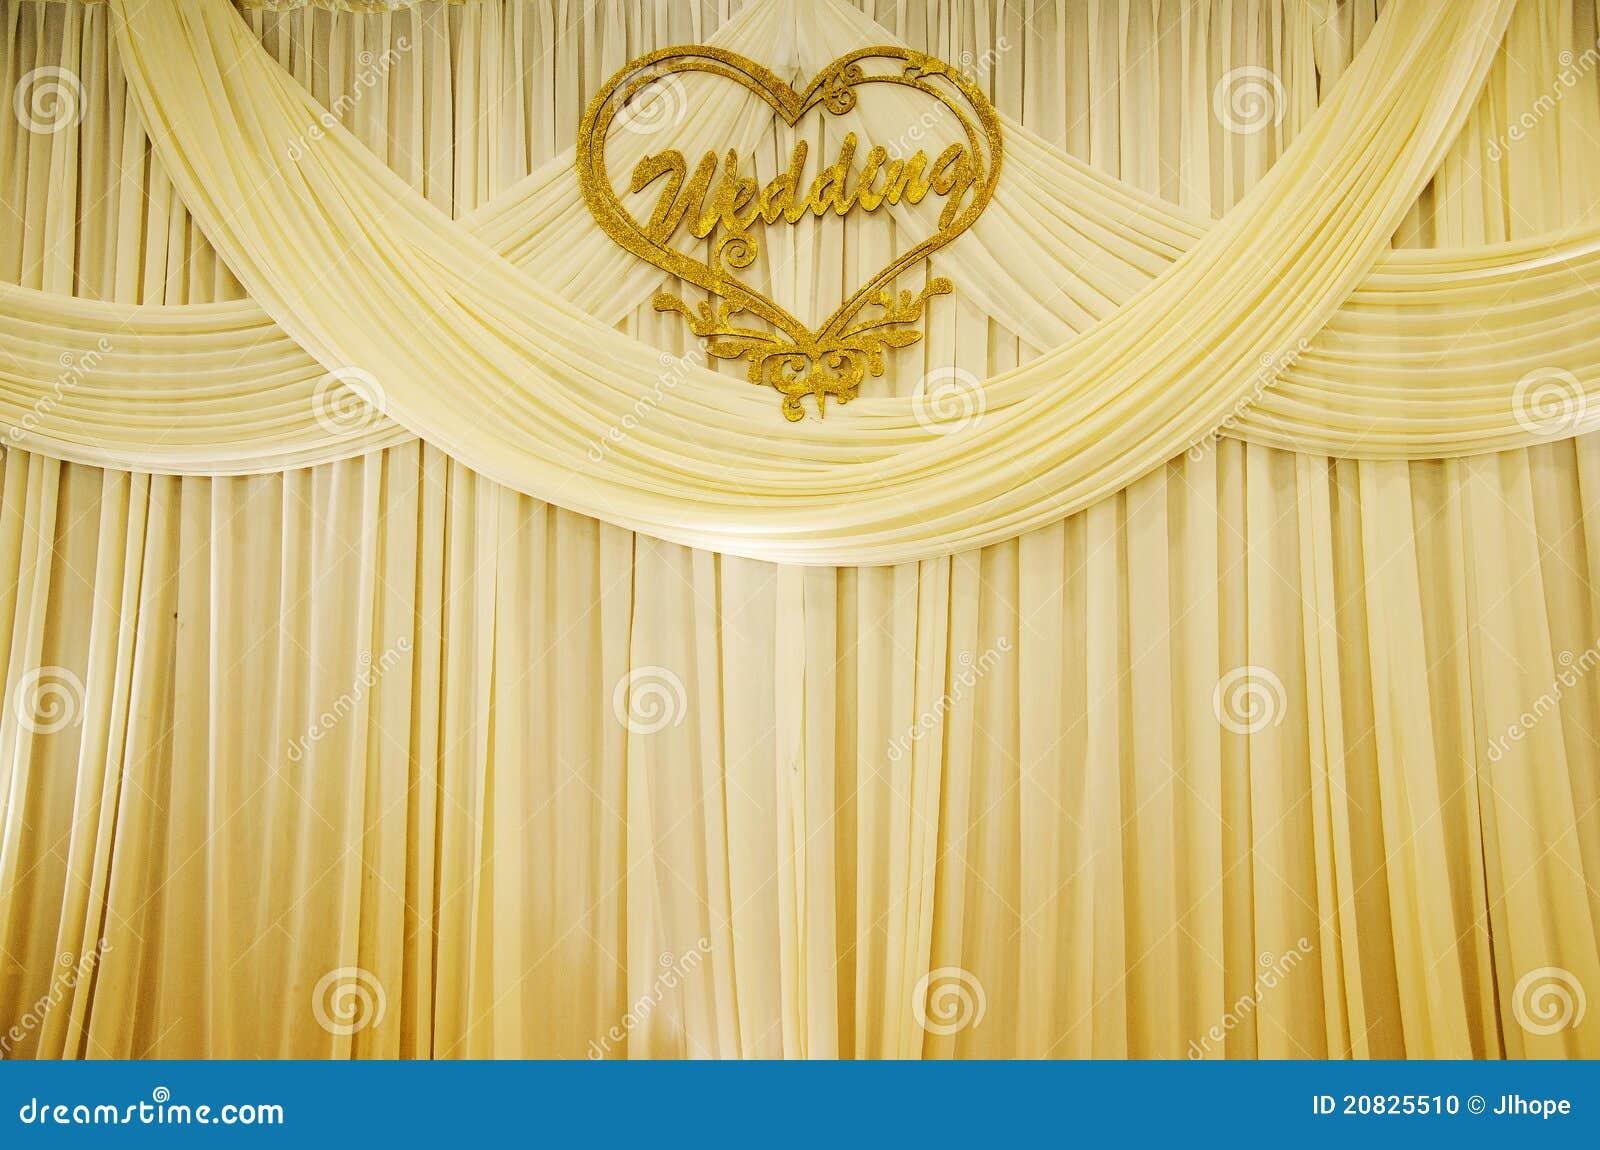 Wedding curtain stock photo image 20825510